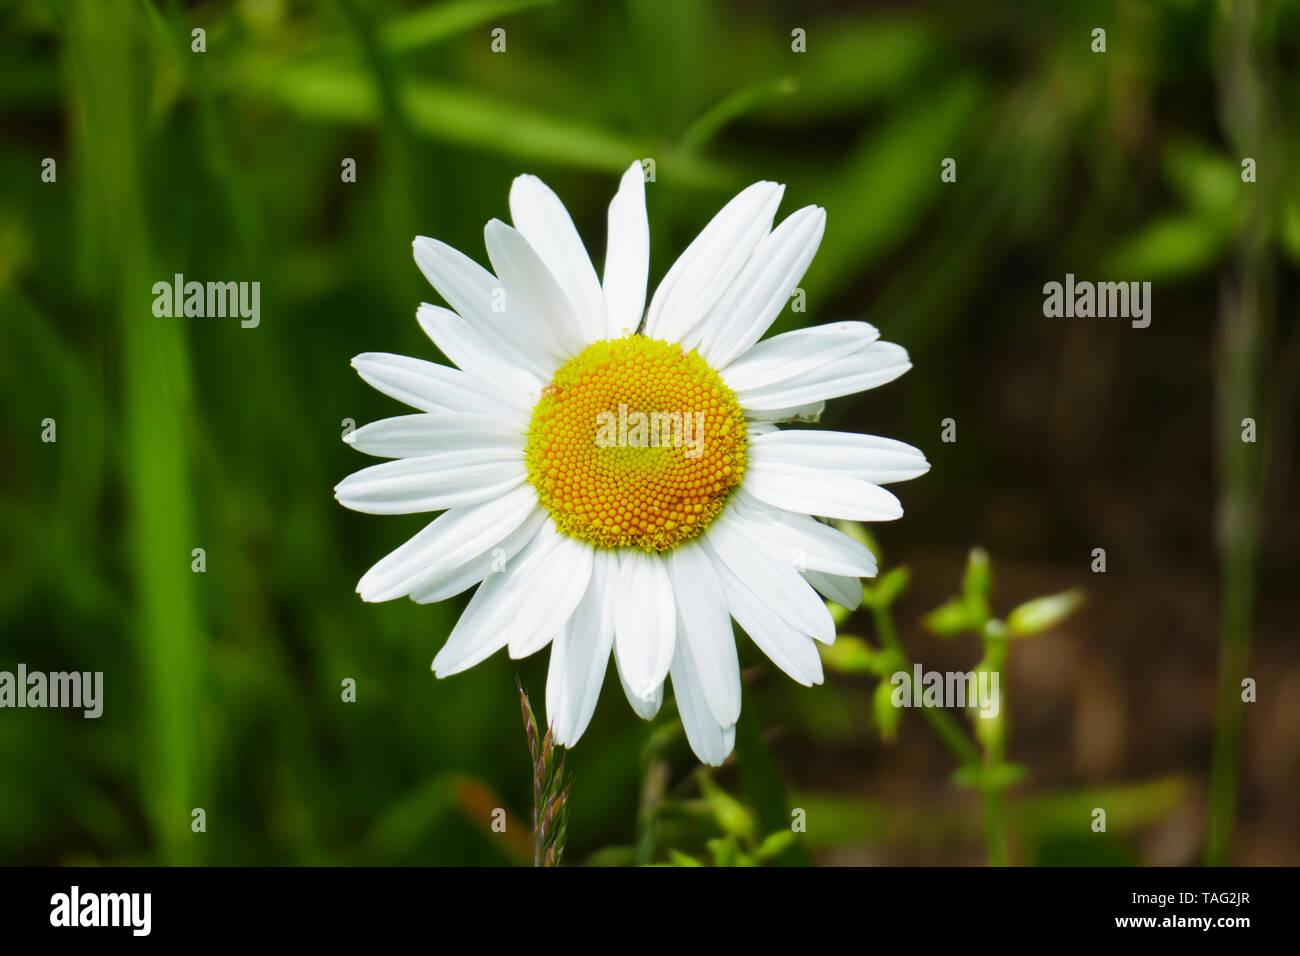 Margerite Blüte , in gelb und weiß, auf einer Wiese, im Frühjahr - Stock Image